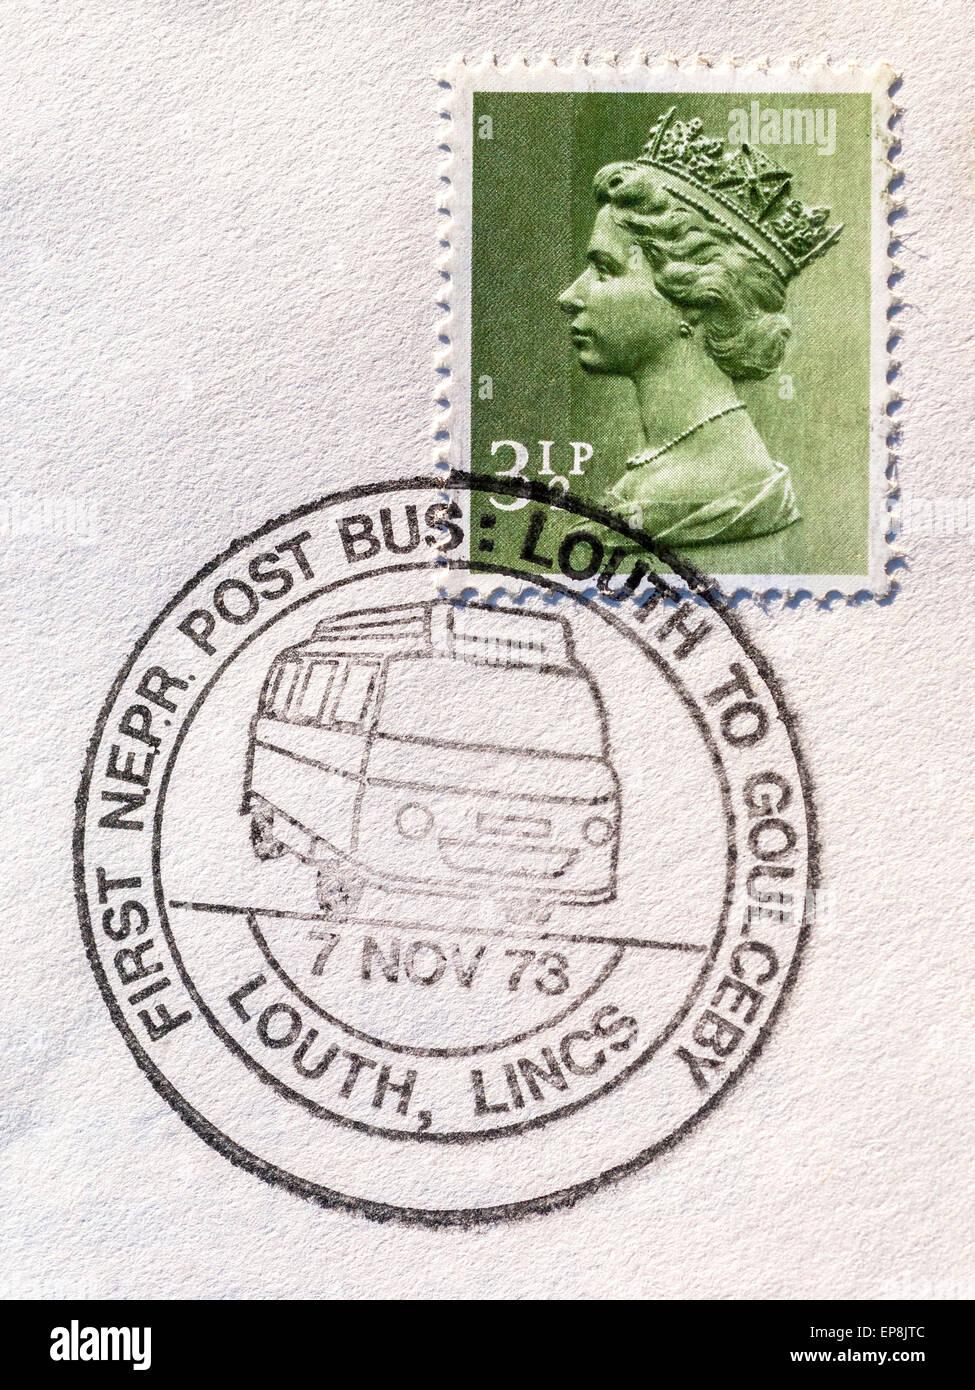 1973 English QE stamp with post bus postmark - England. - Stock Image